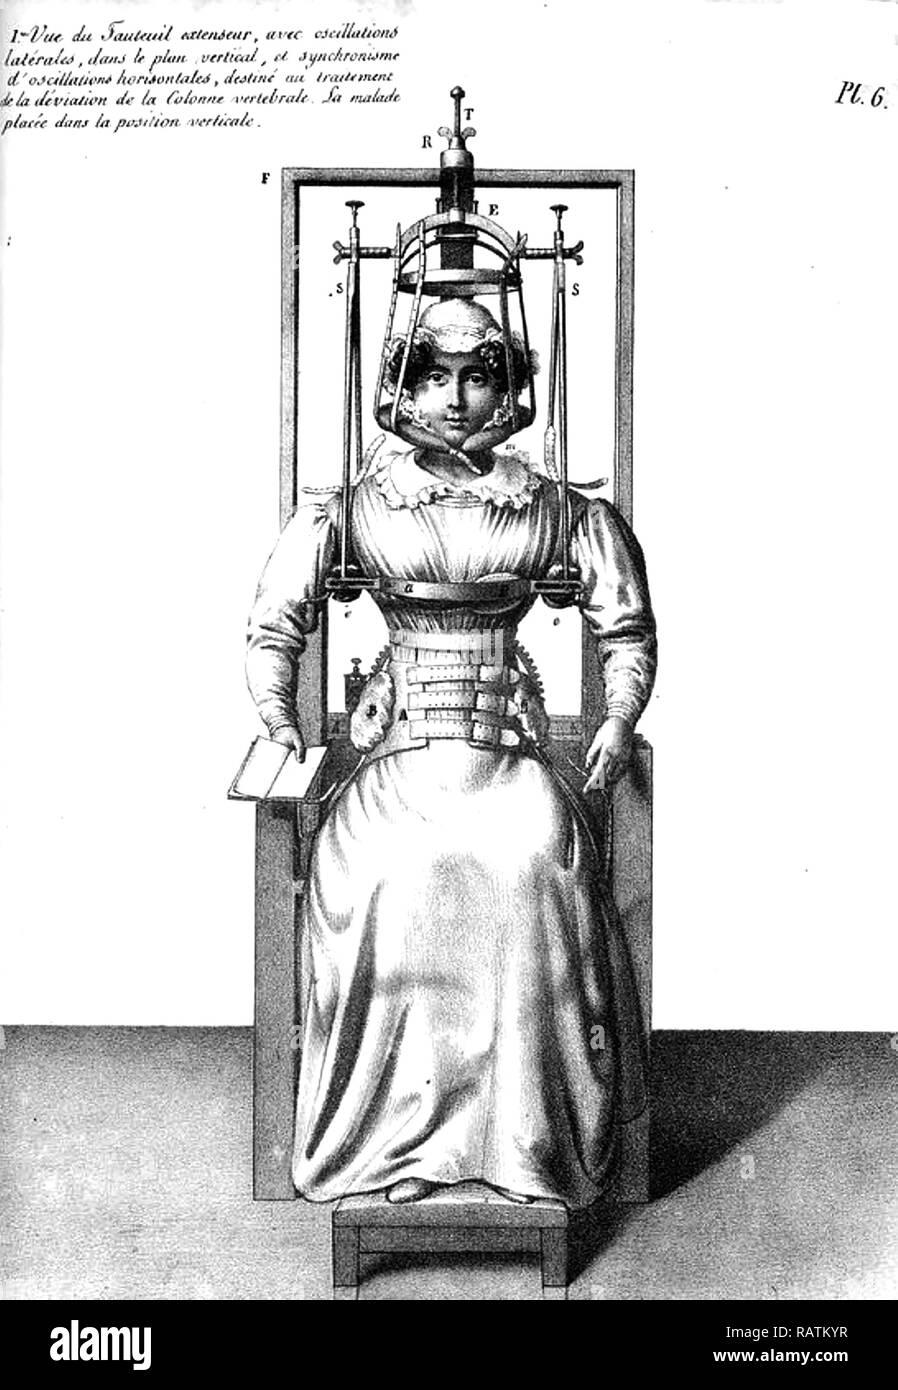 Correzione spinale in un libro francese del XVIII secolo Immagini Stock